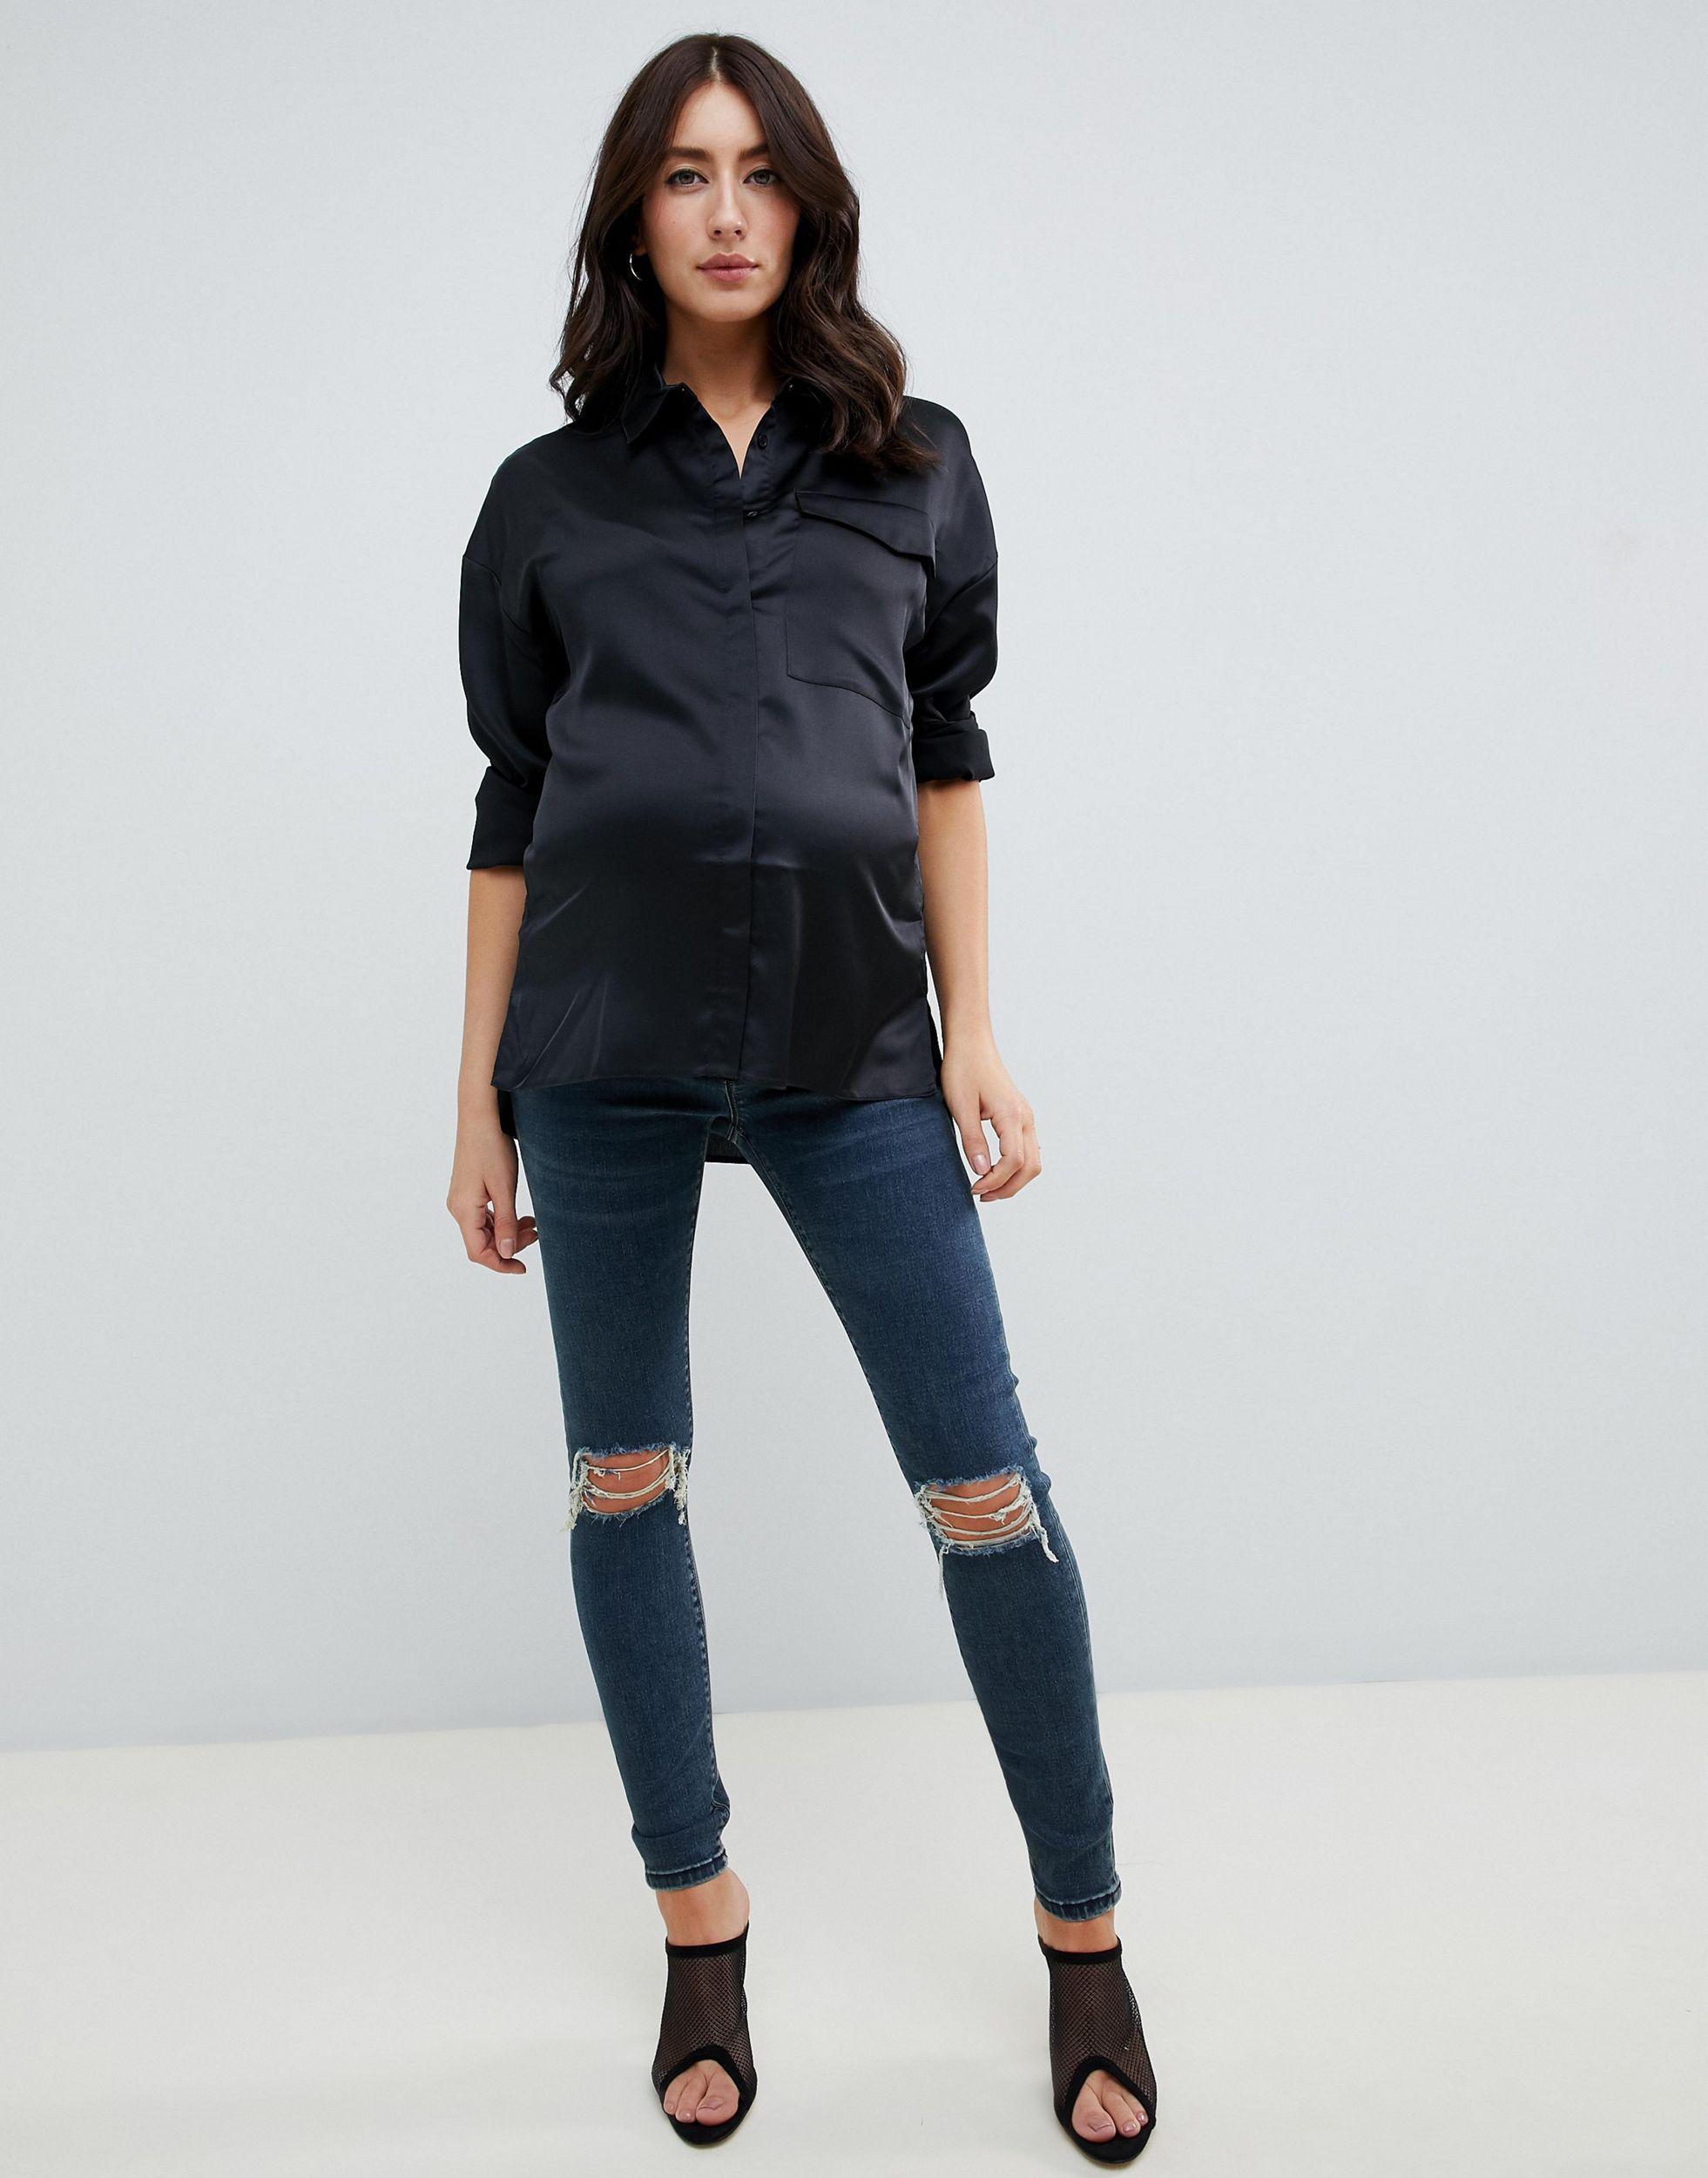 ASOS DESIGN Maternity - Ridley - Jean skinny taille haute à genoux déchiré - délavé London Jean ASOS en coloris Bleu